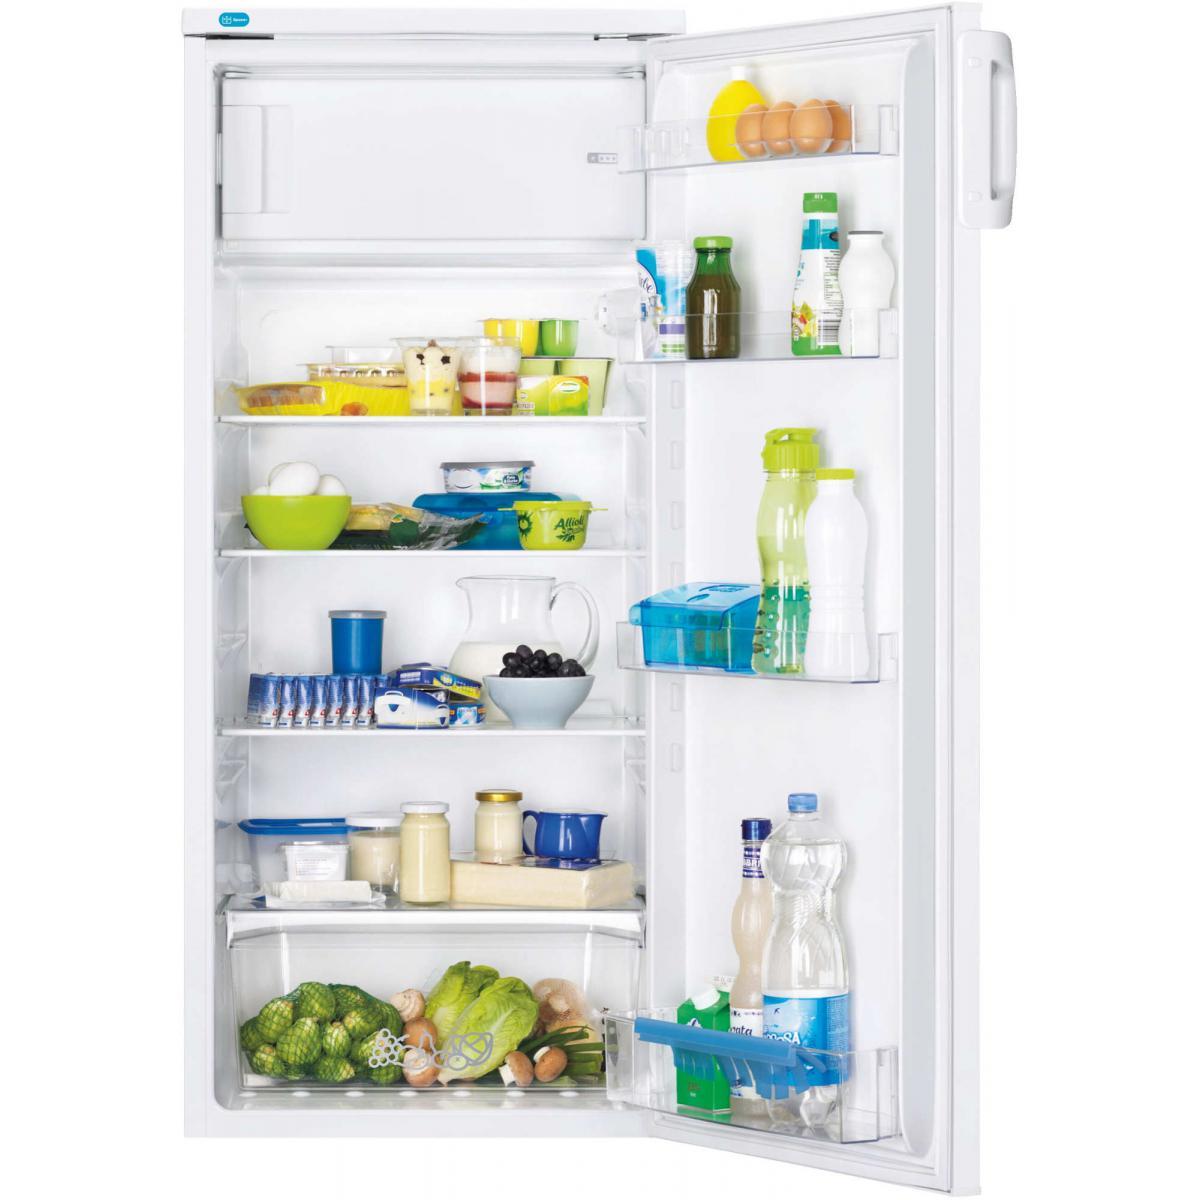 Faure Réfrigérateur 1 porte 226L Froid Statique FAURE 55cm A+, FRAN23FW